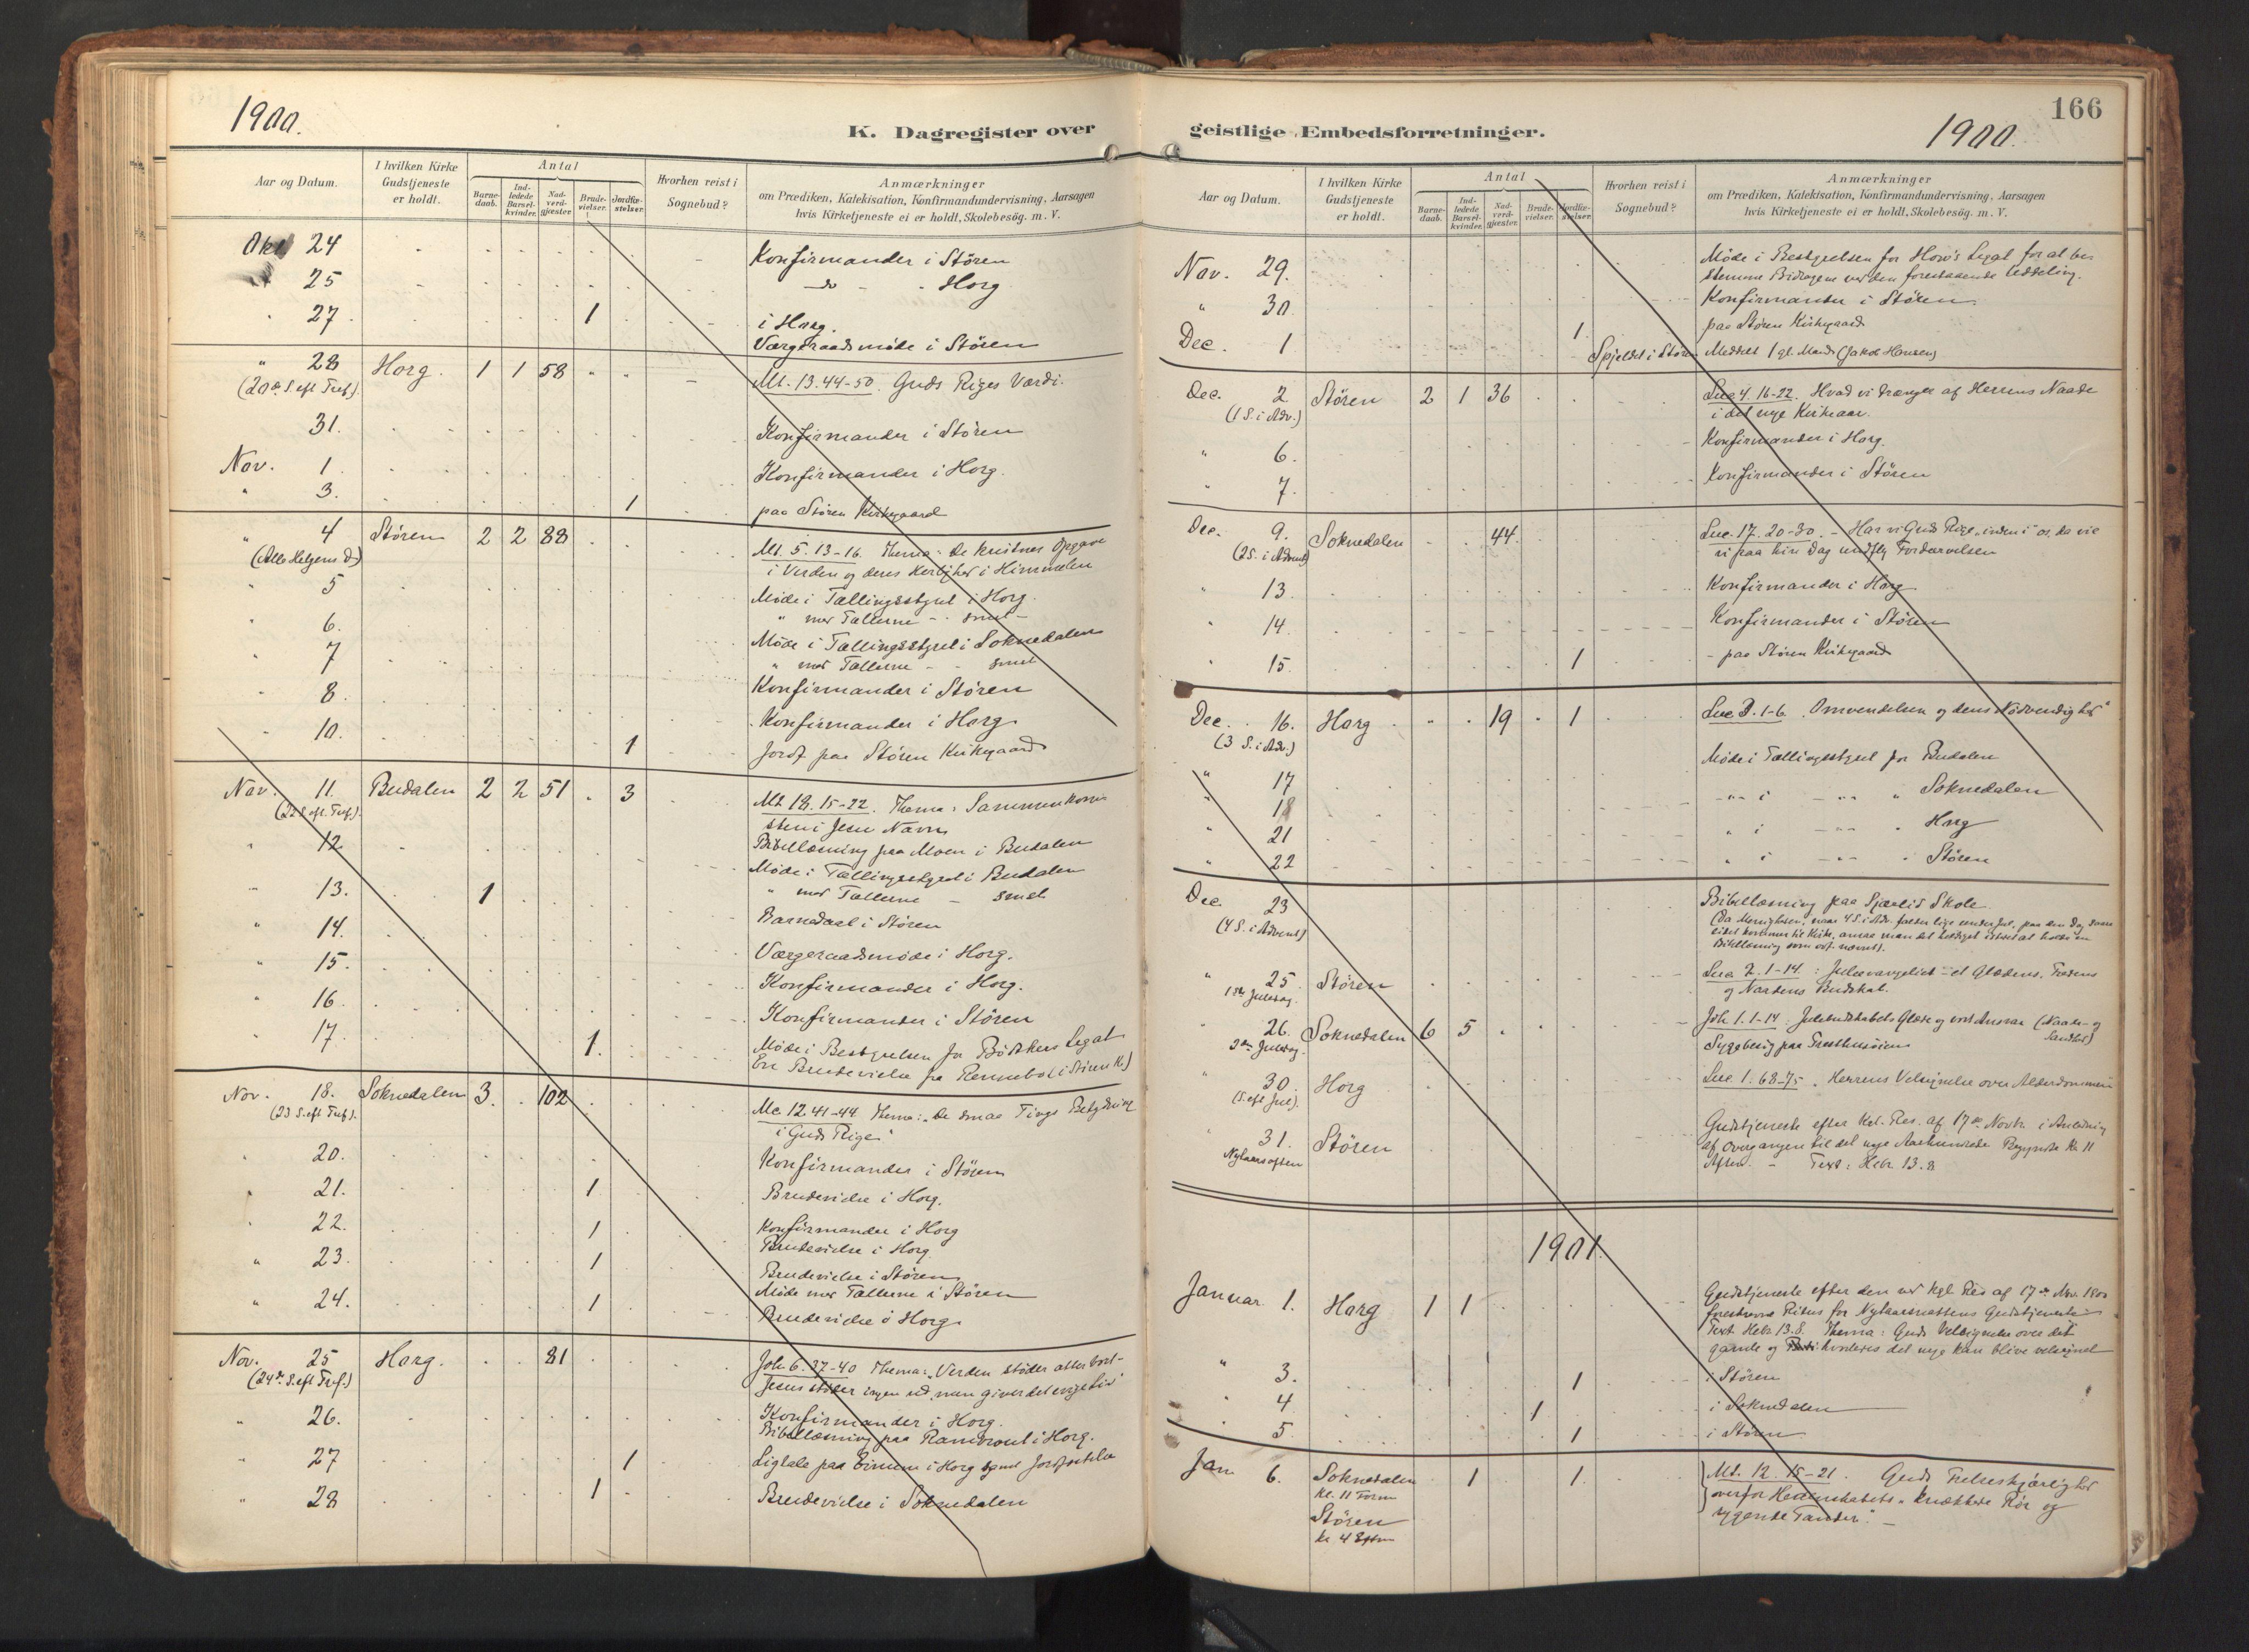 SAT, Ministerialprotokoller, klokkerbøker og fødselsregistre - Sør-Trøndelag, 690/L1050: Ministerialbok nr. 690A01, 1889-1929, s. 166